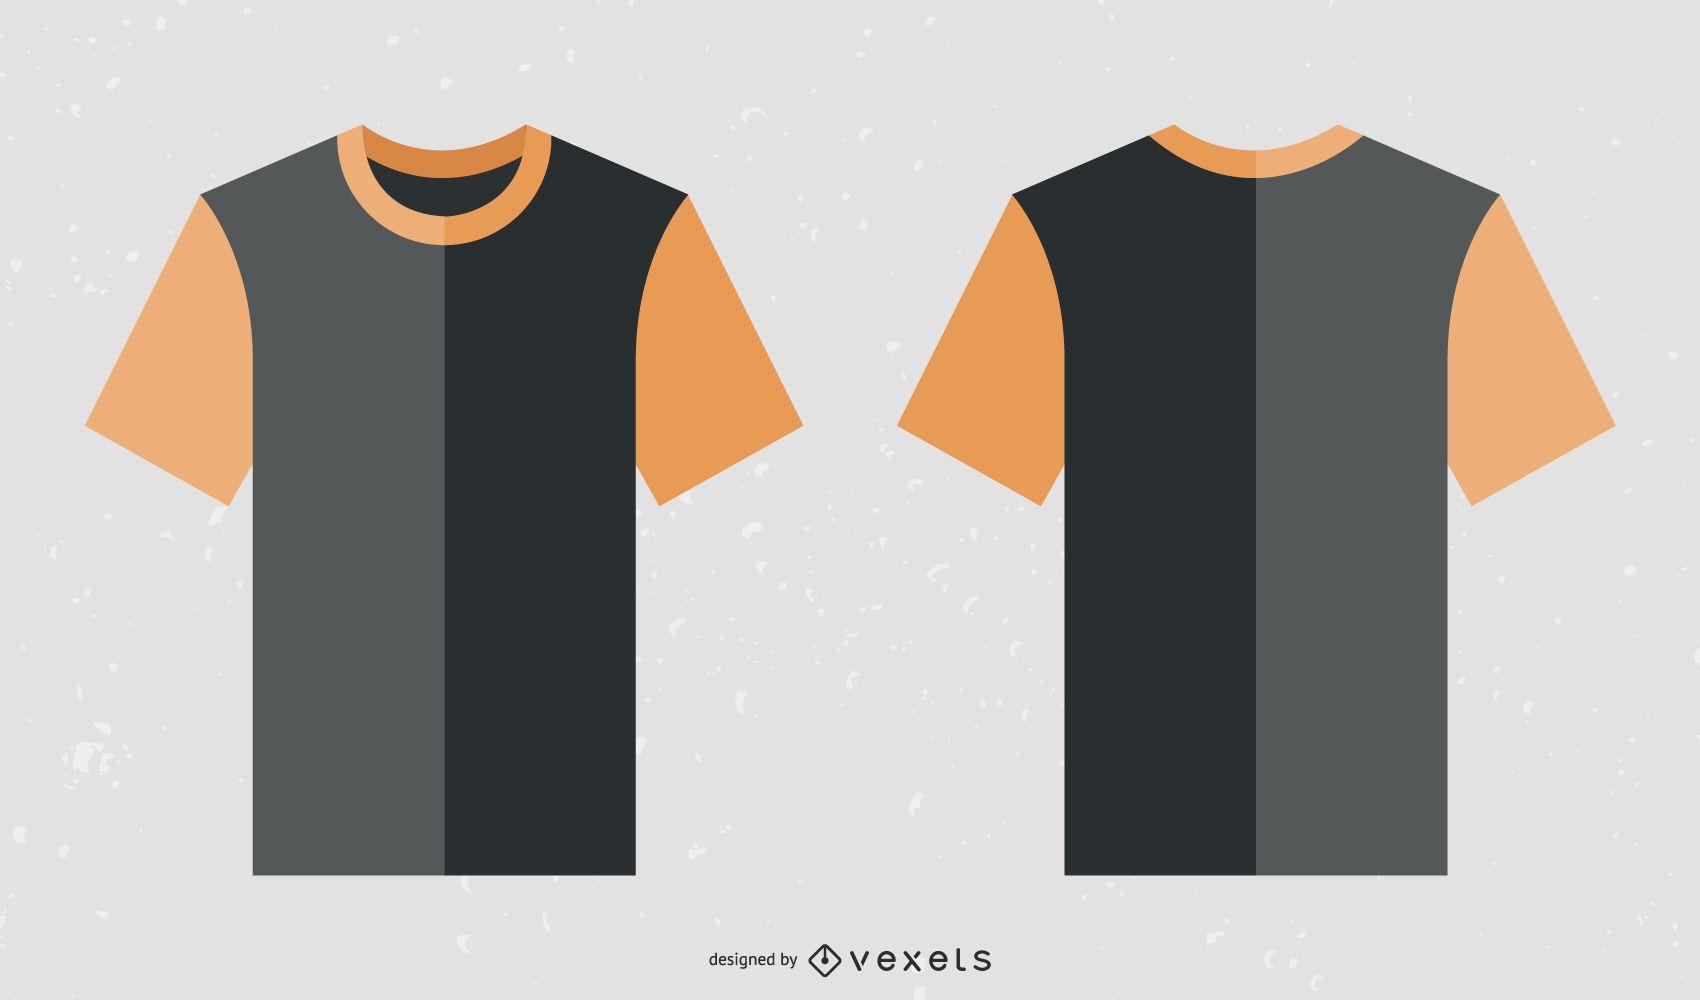 Modelo grátis de camiseta preta com colarinho laranja